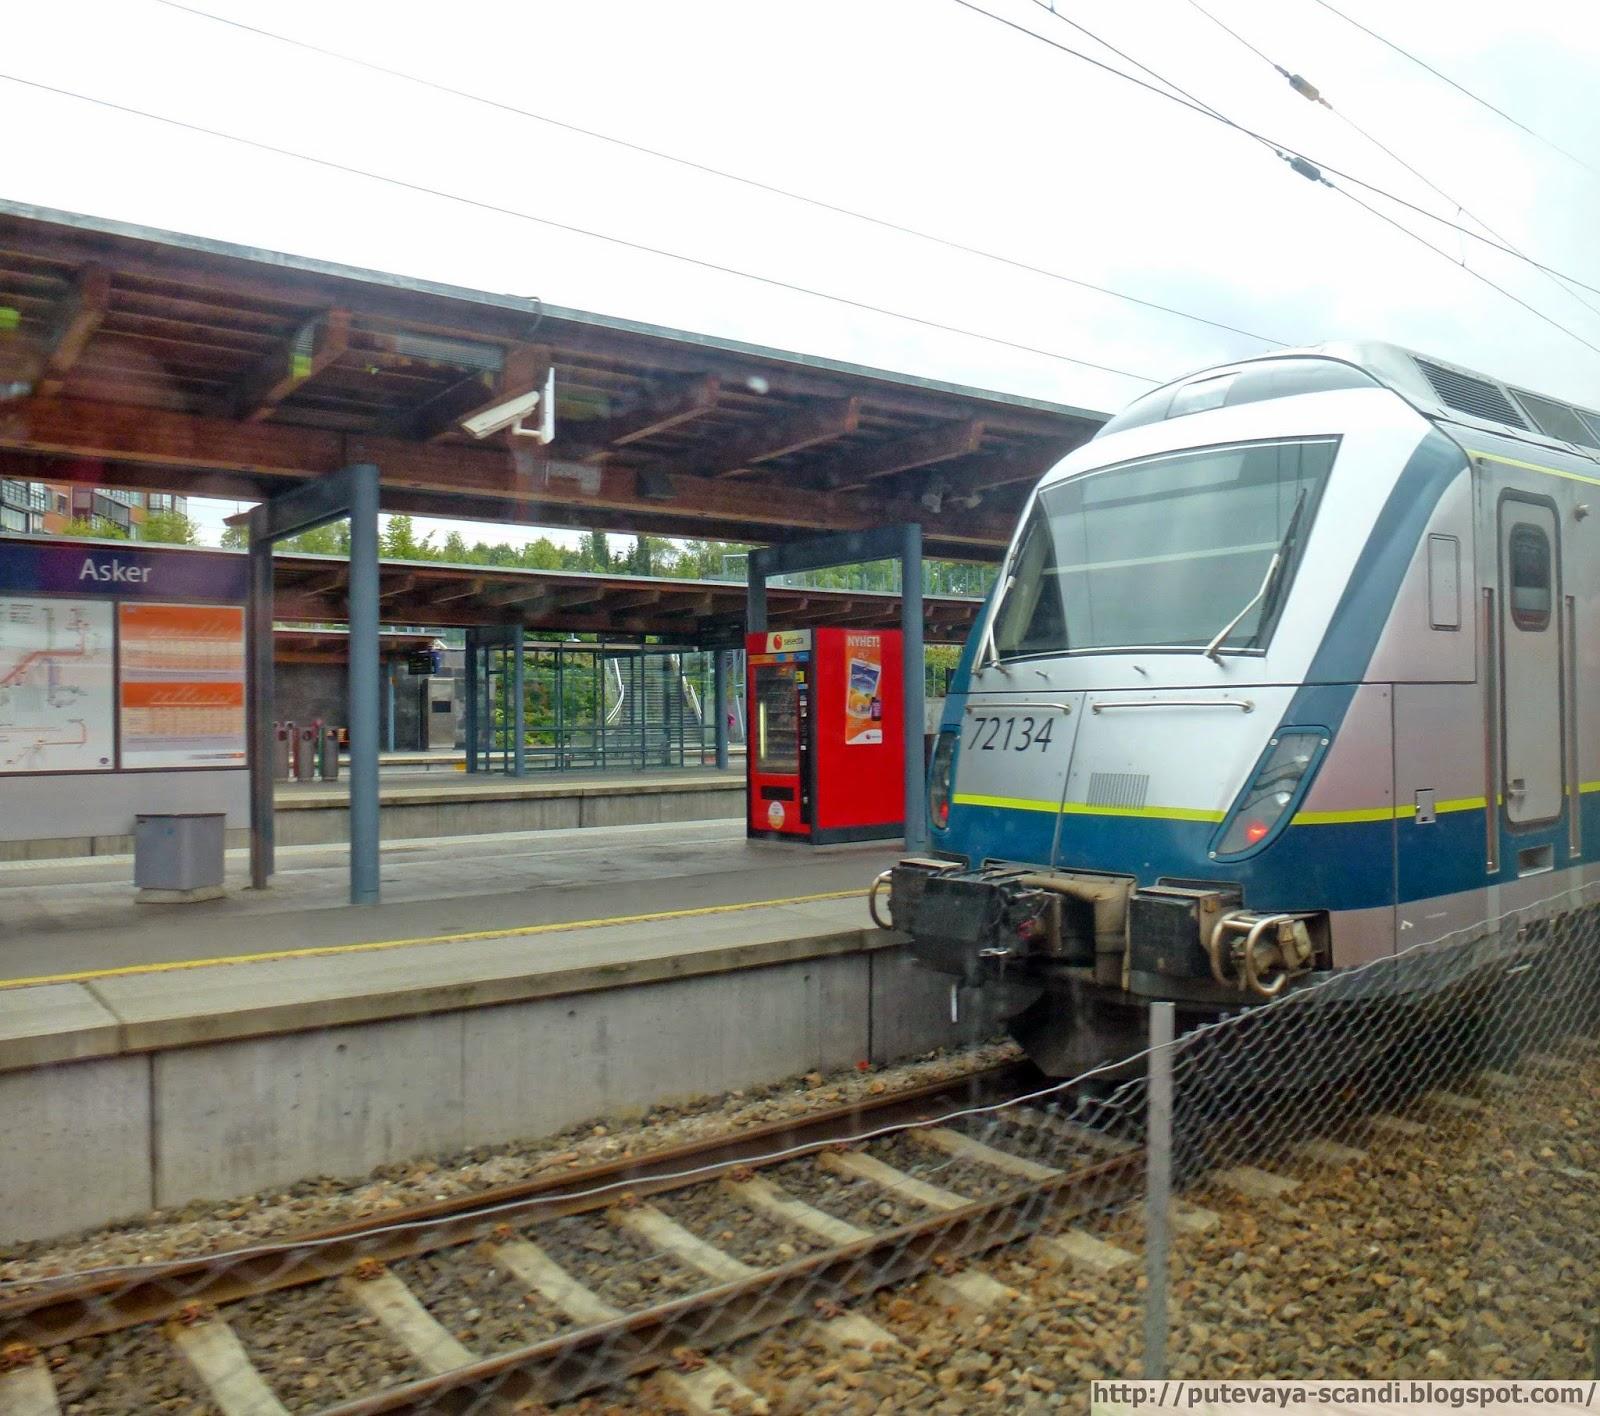 станция Аскер